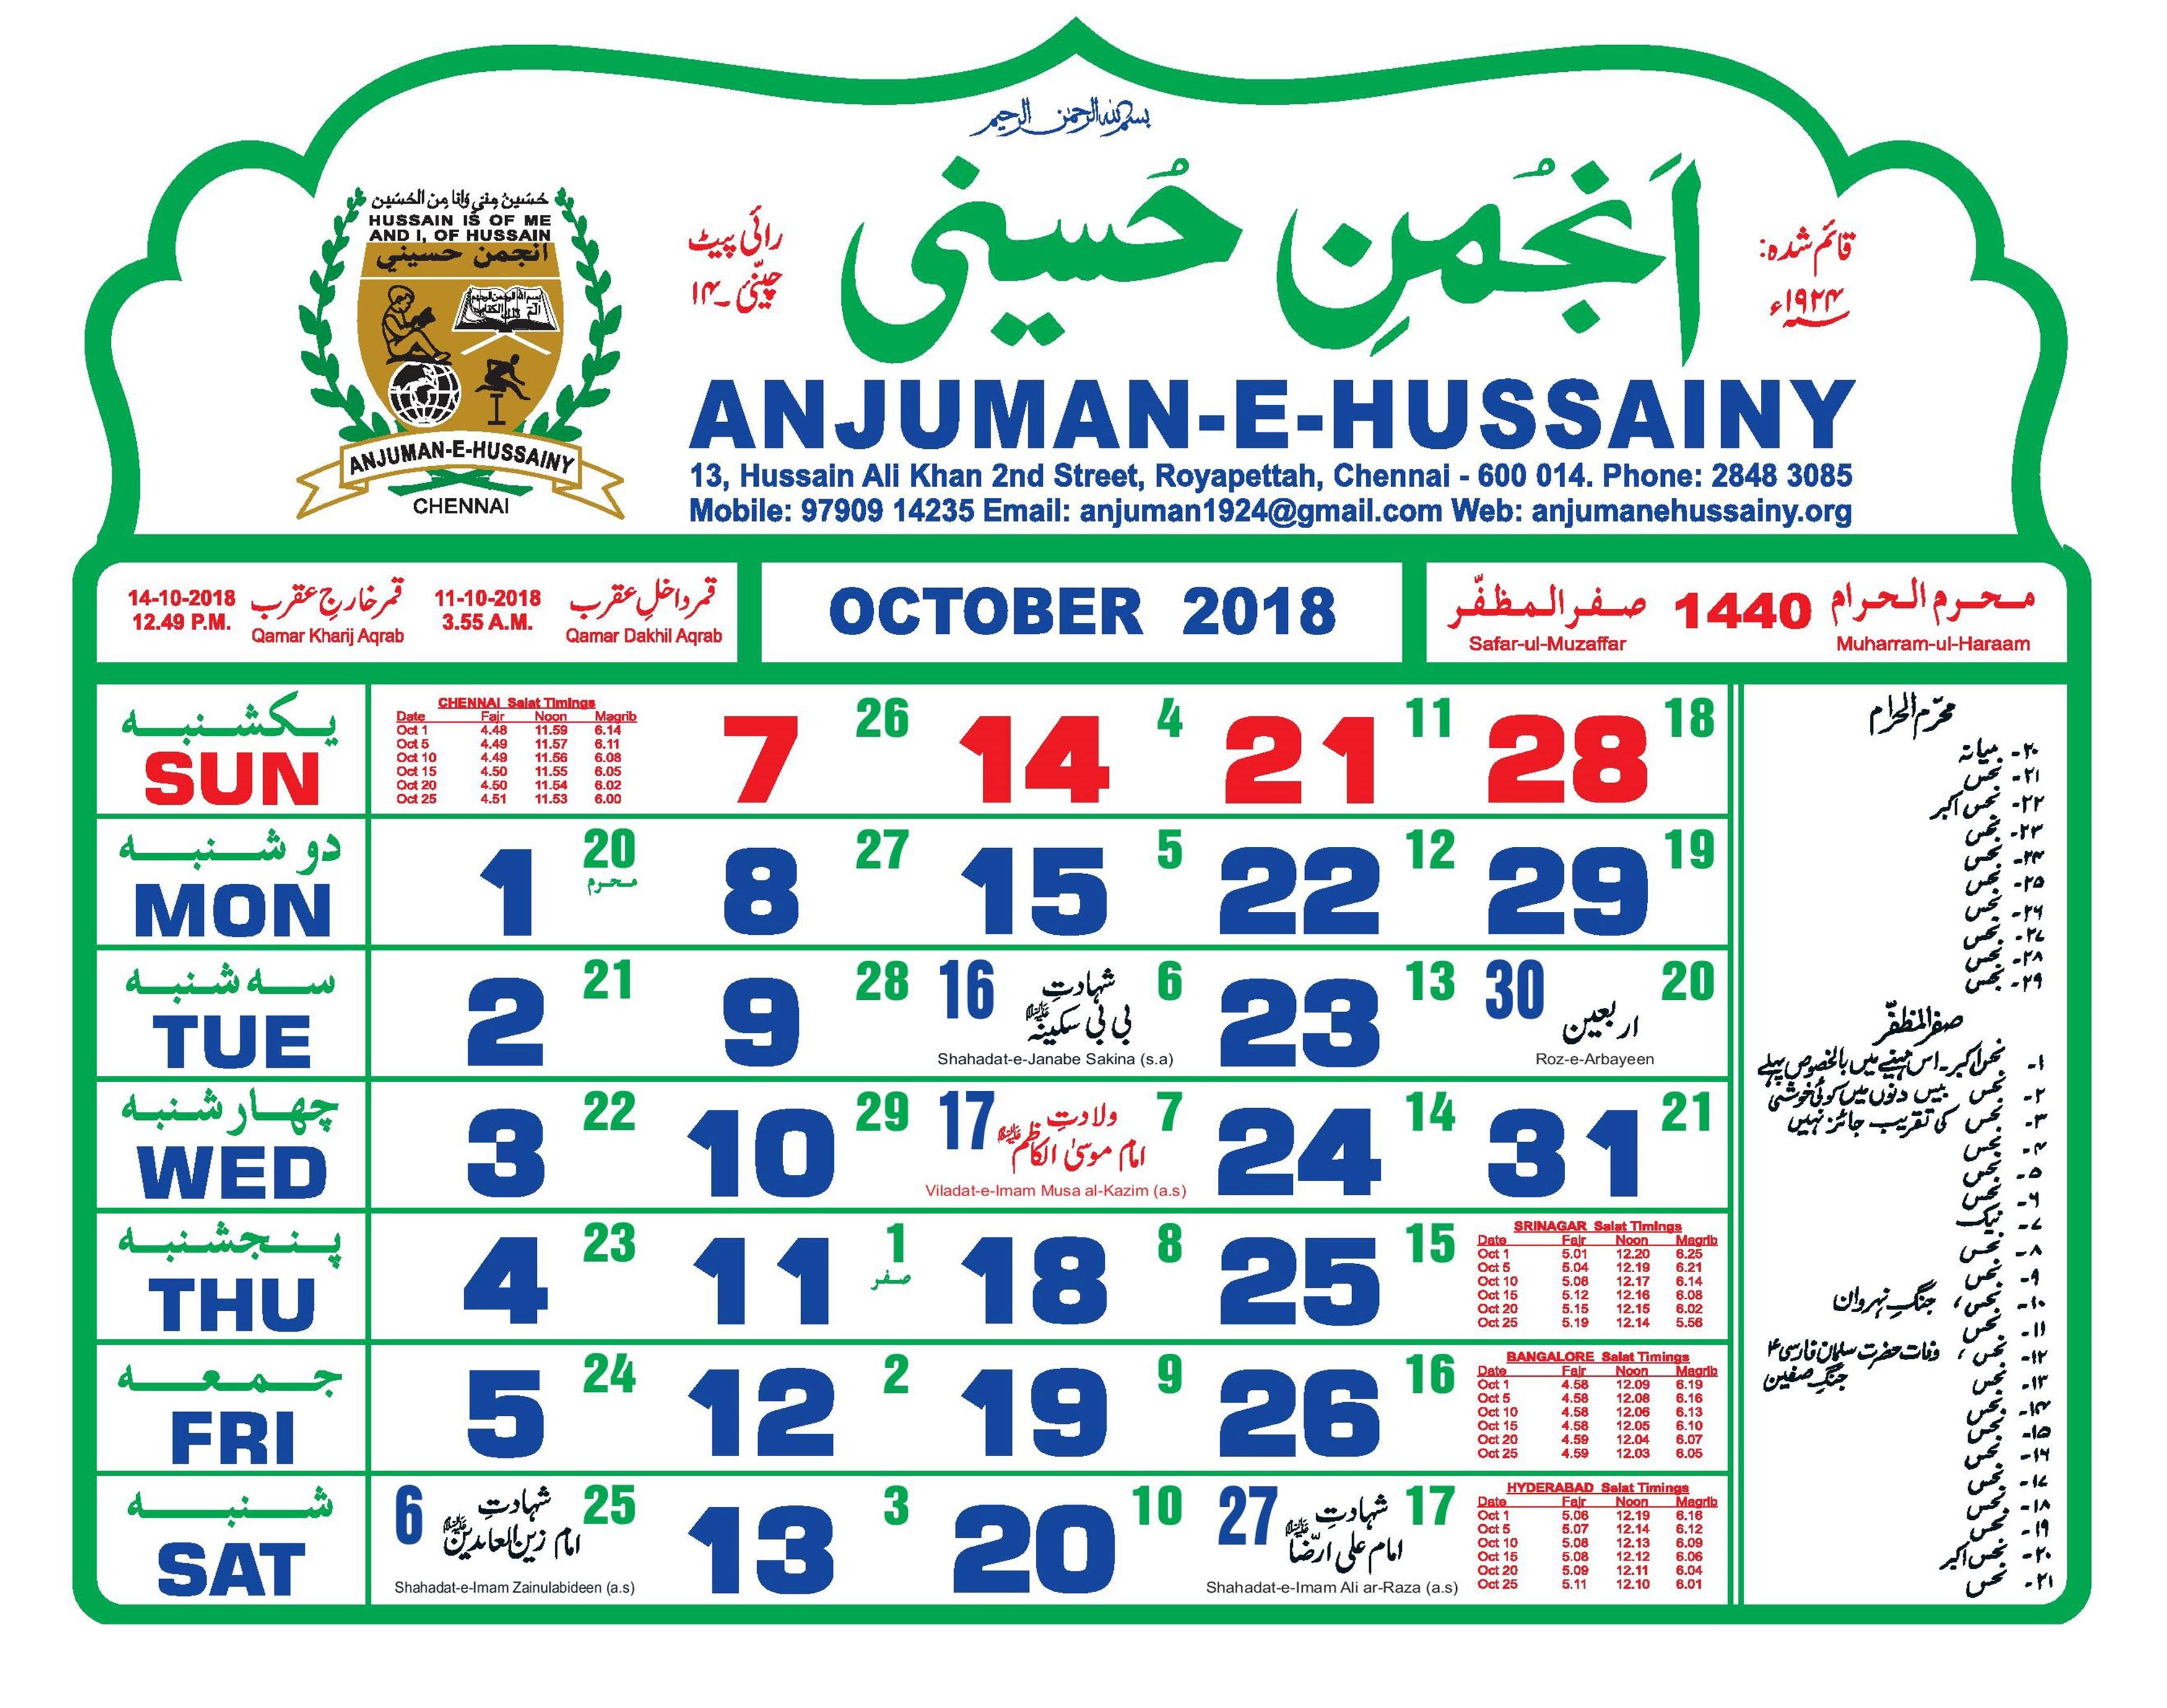 Anjuman E Hussaini Calendar 2019 Pdf   Calendar Printable Free with regard to Hussaini Calendar 2018